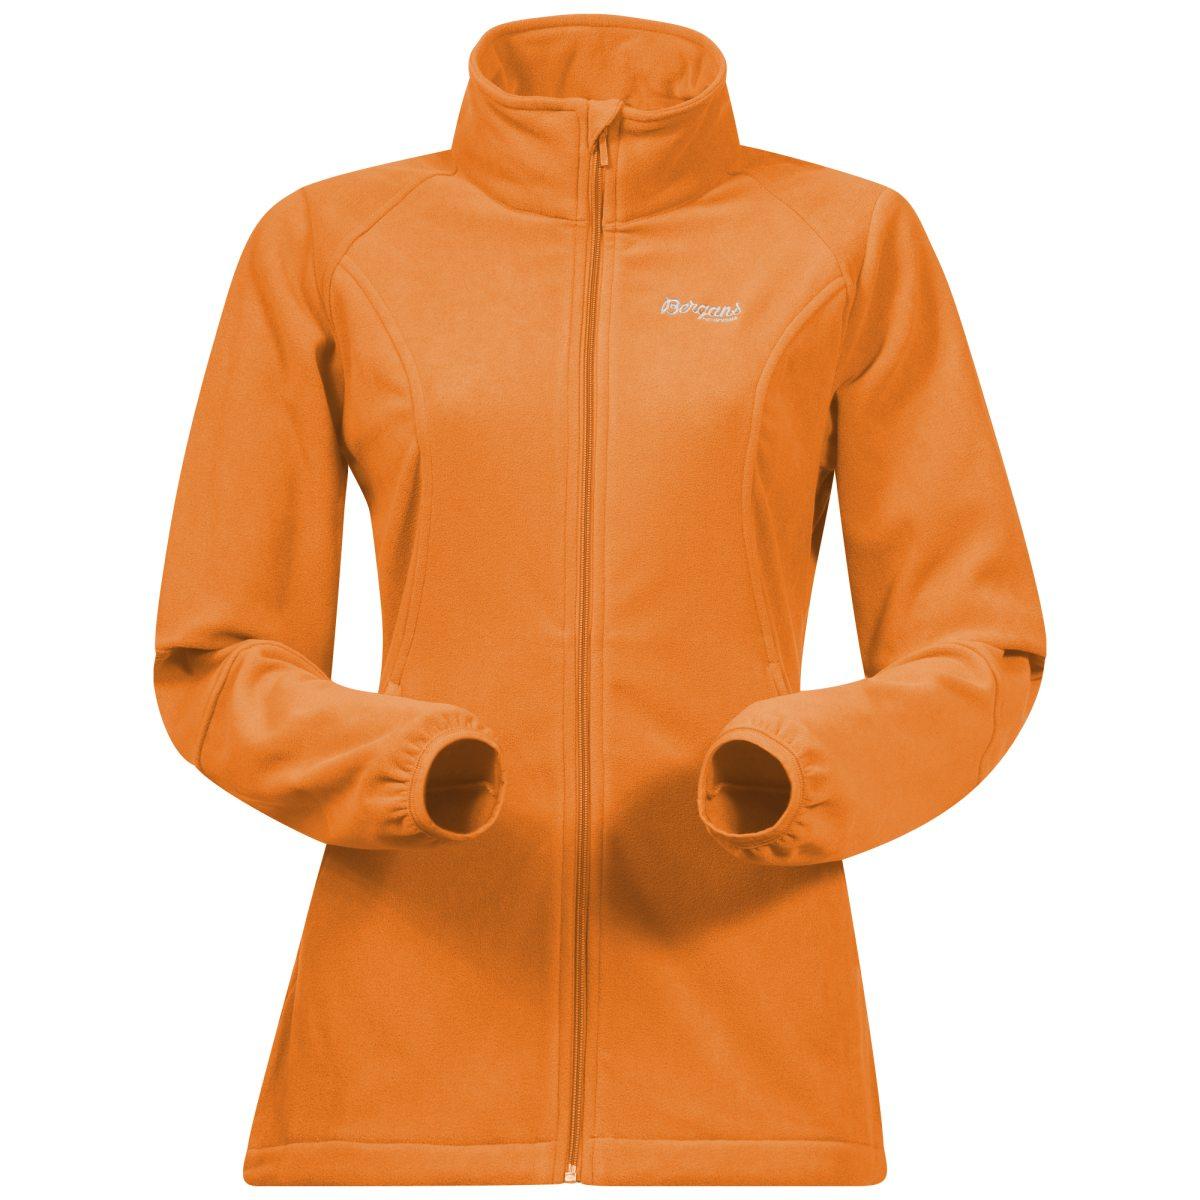 41a2eb3f Find every shop in the world selling jotunheim vang fleece jakke ...